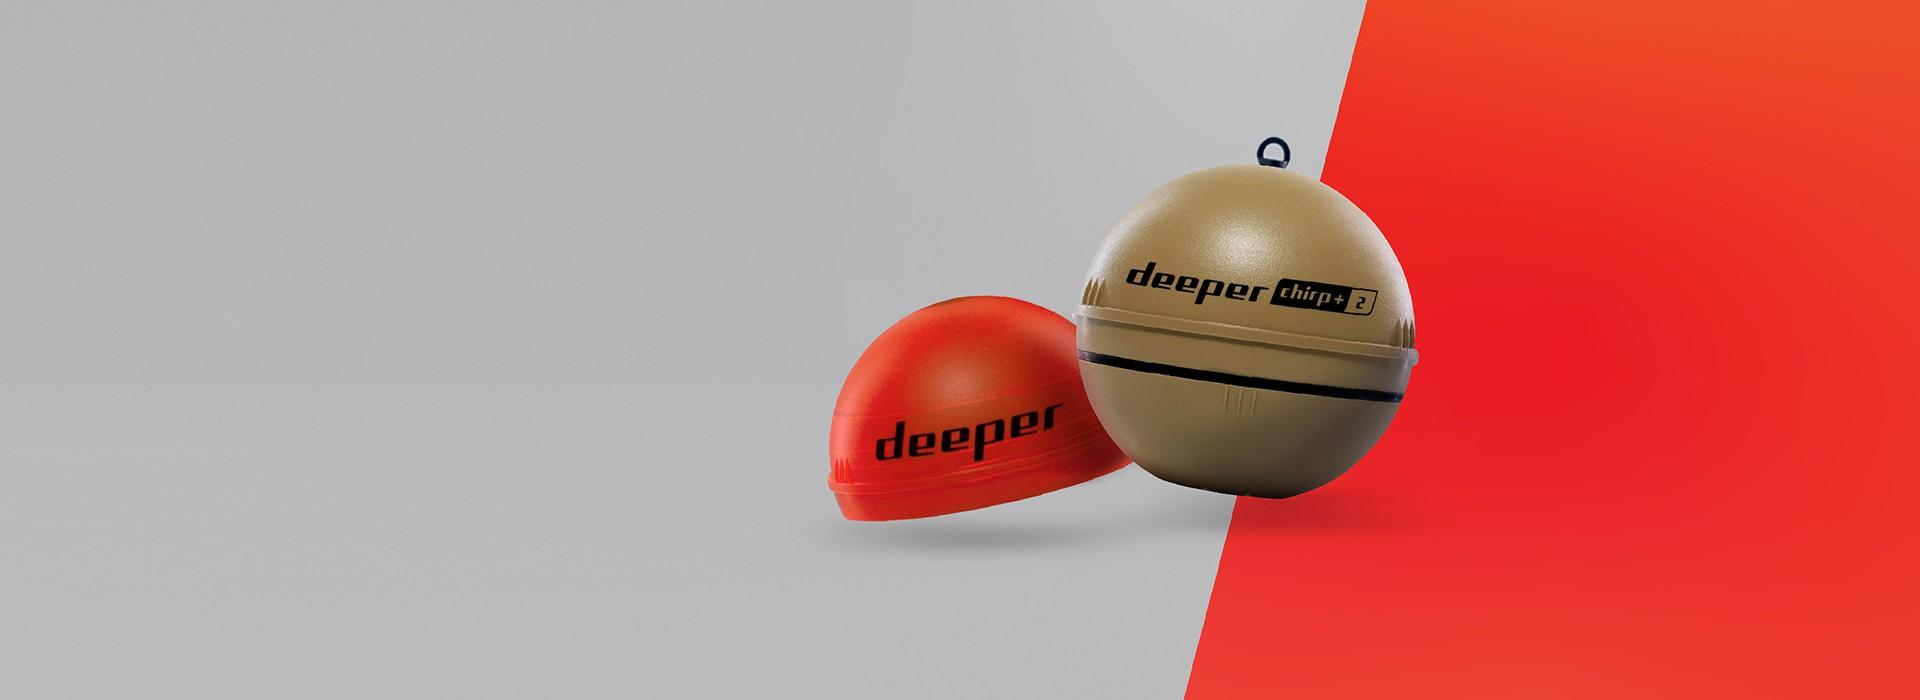 Зустрічайте новий Deeper CHIRP+ 2! Найпотужніший ехолот із усіх створених нами. На сьогодні.